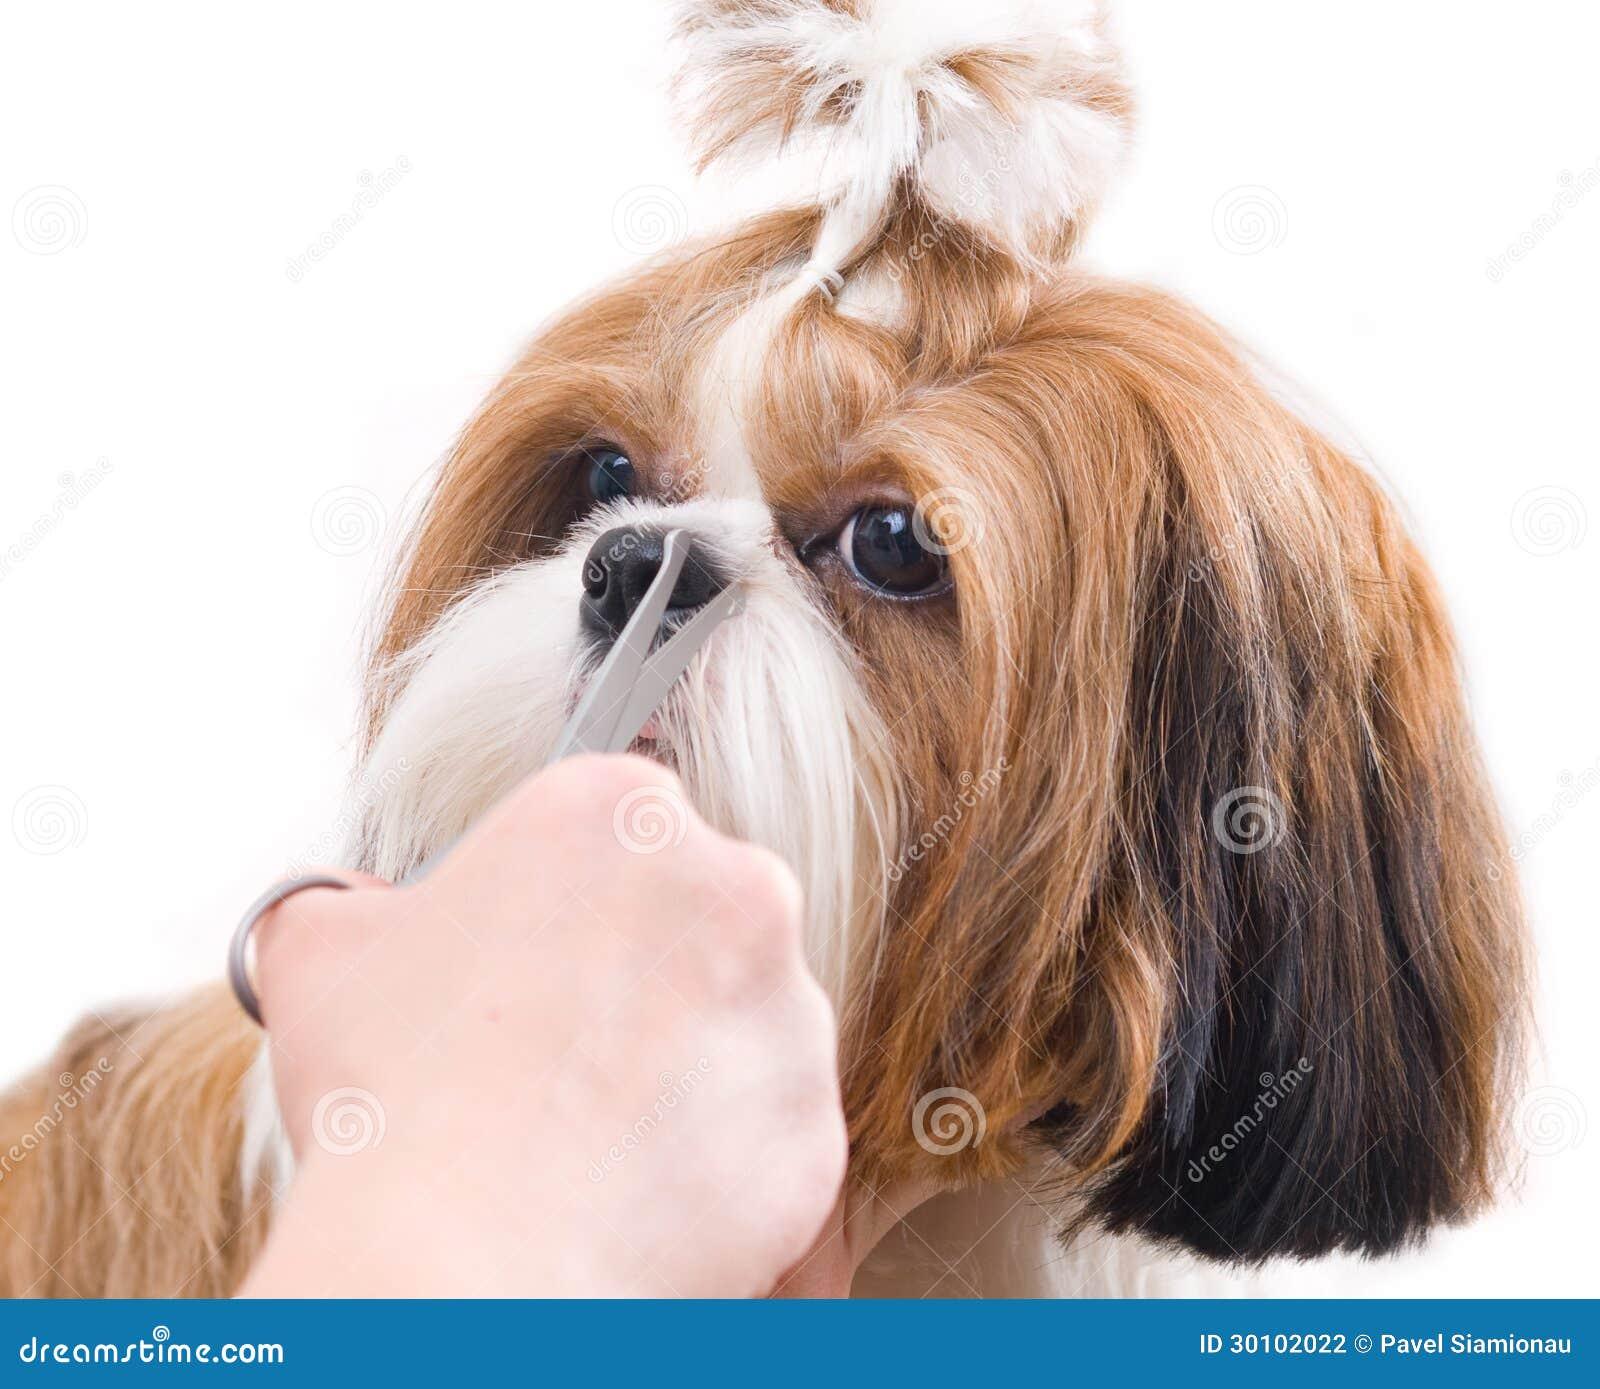 Pflegen des Hundes Shih Tzu